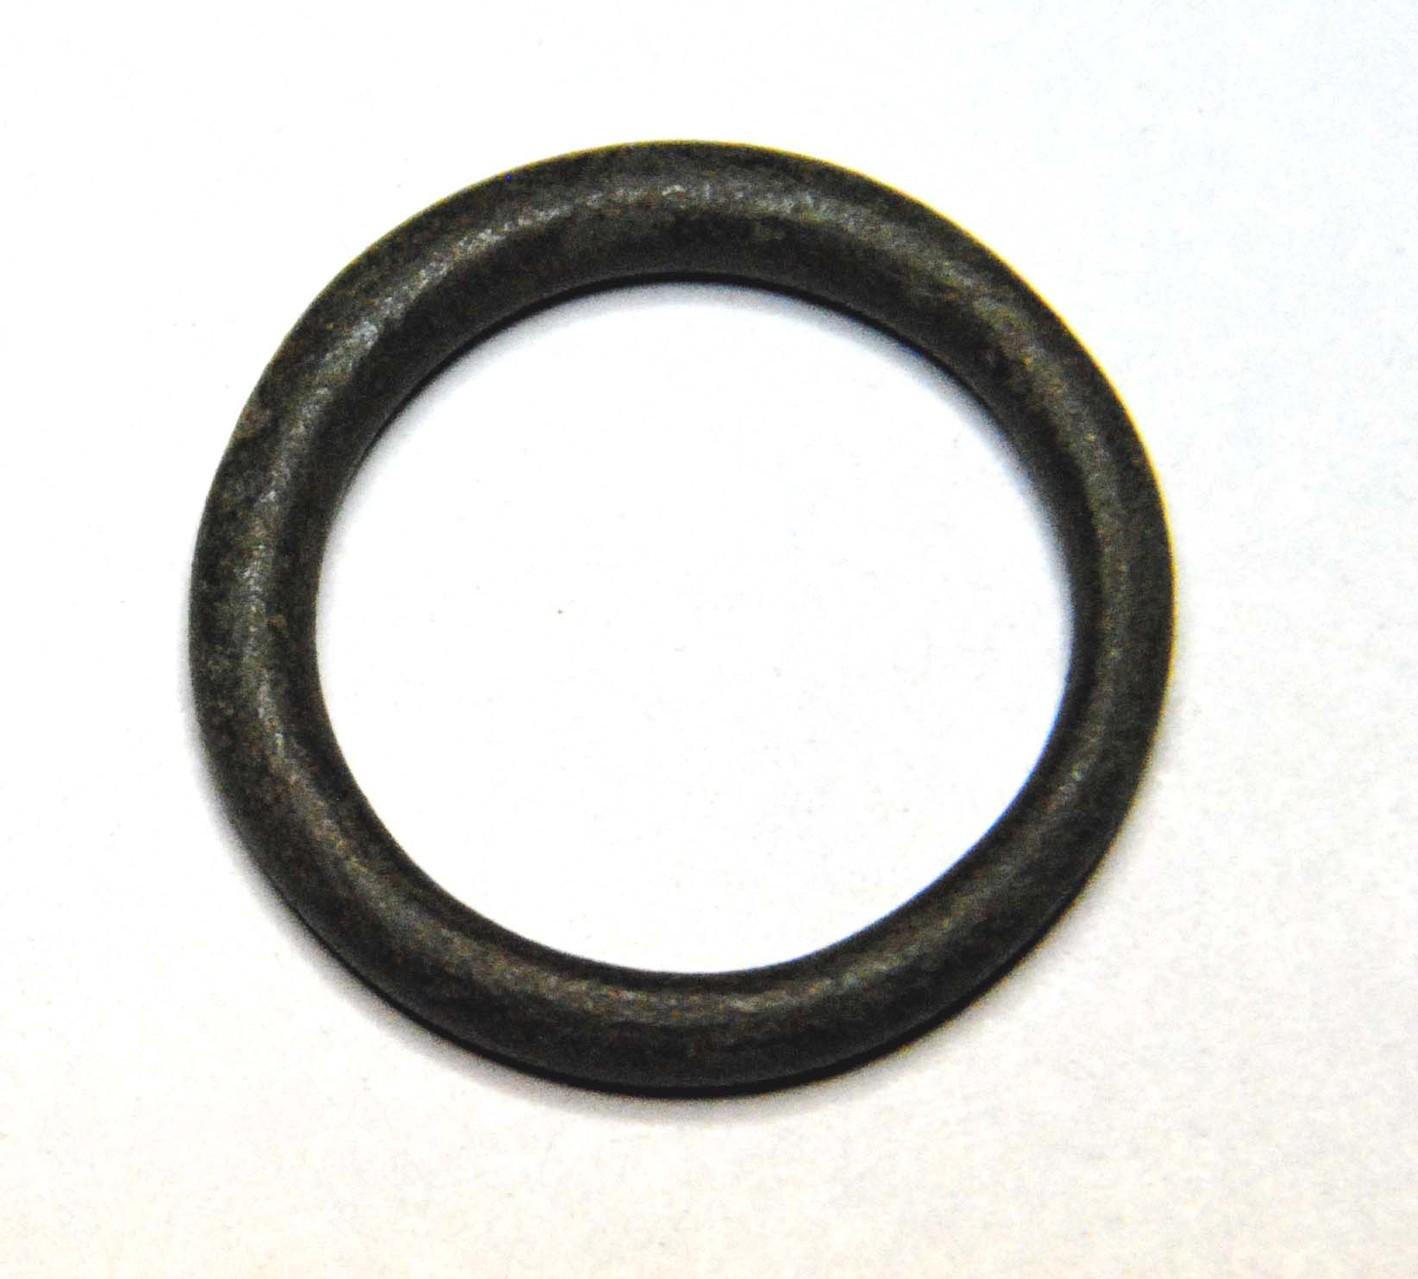 Unterschiedlich dicker Bronzering, Durchmesser 2,3 cm. Wahrscheinlich vorgeschichtlich